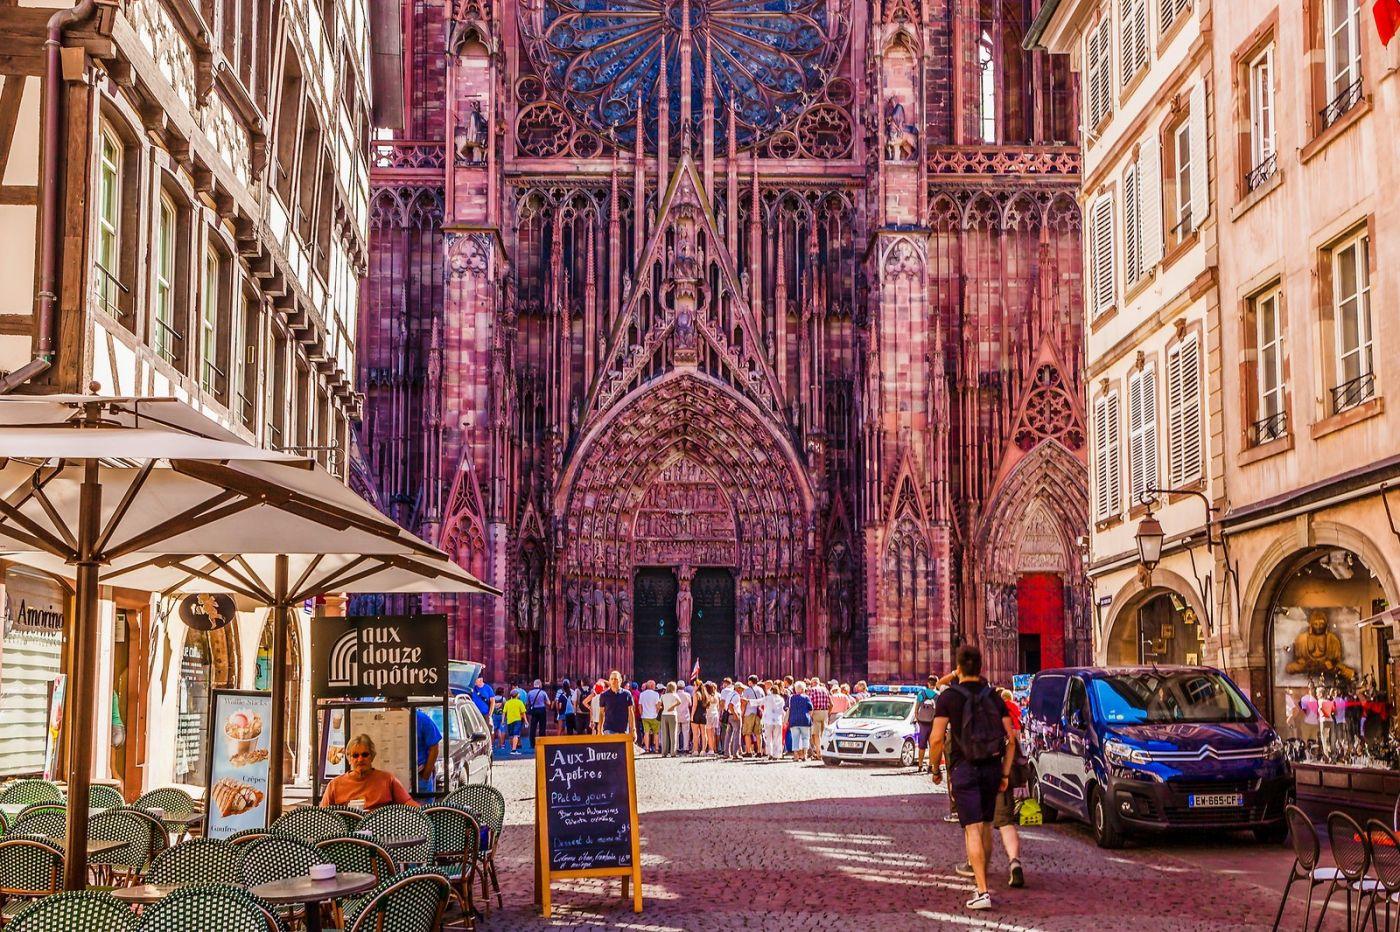 法国斯特拉斯堡(Strasbourg),八百年的主教堂_图1-12